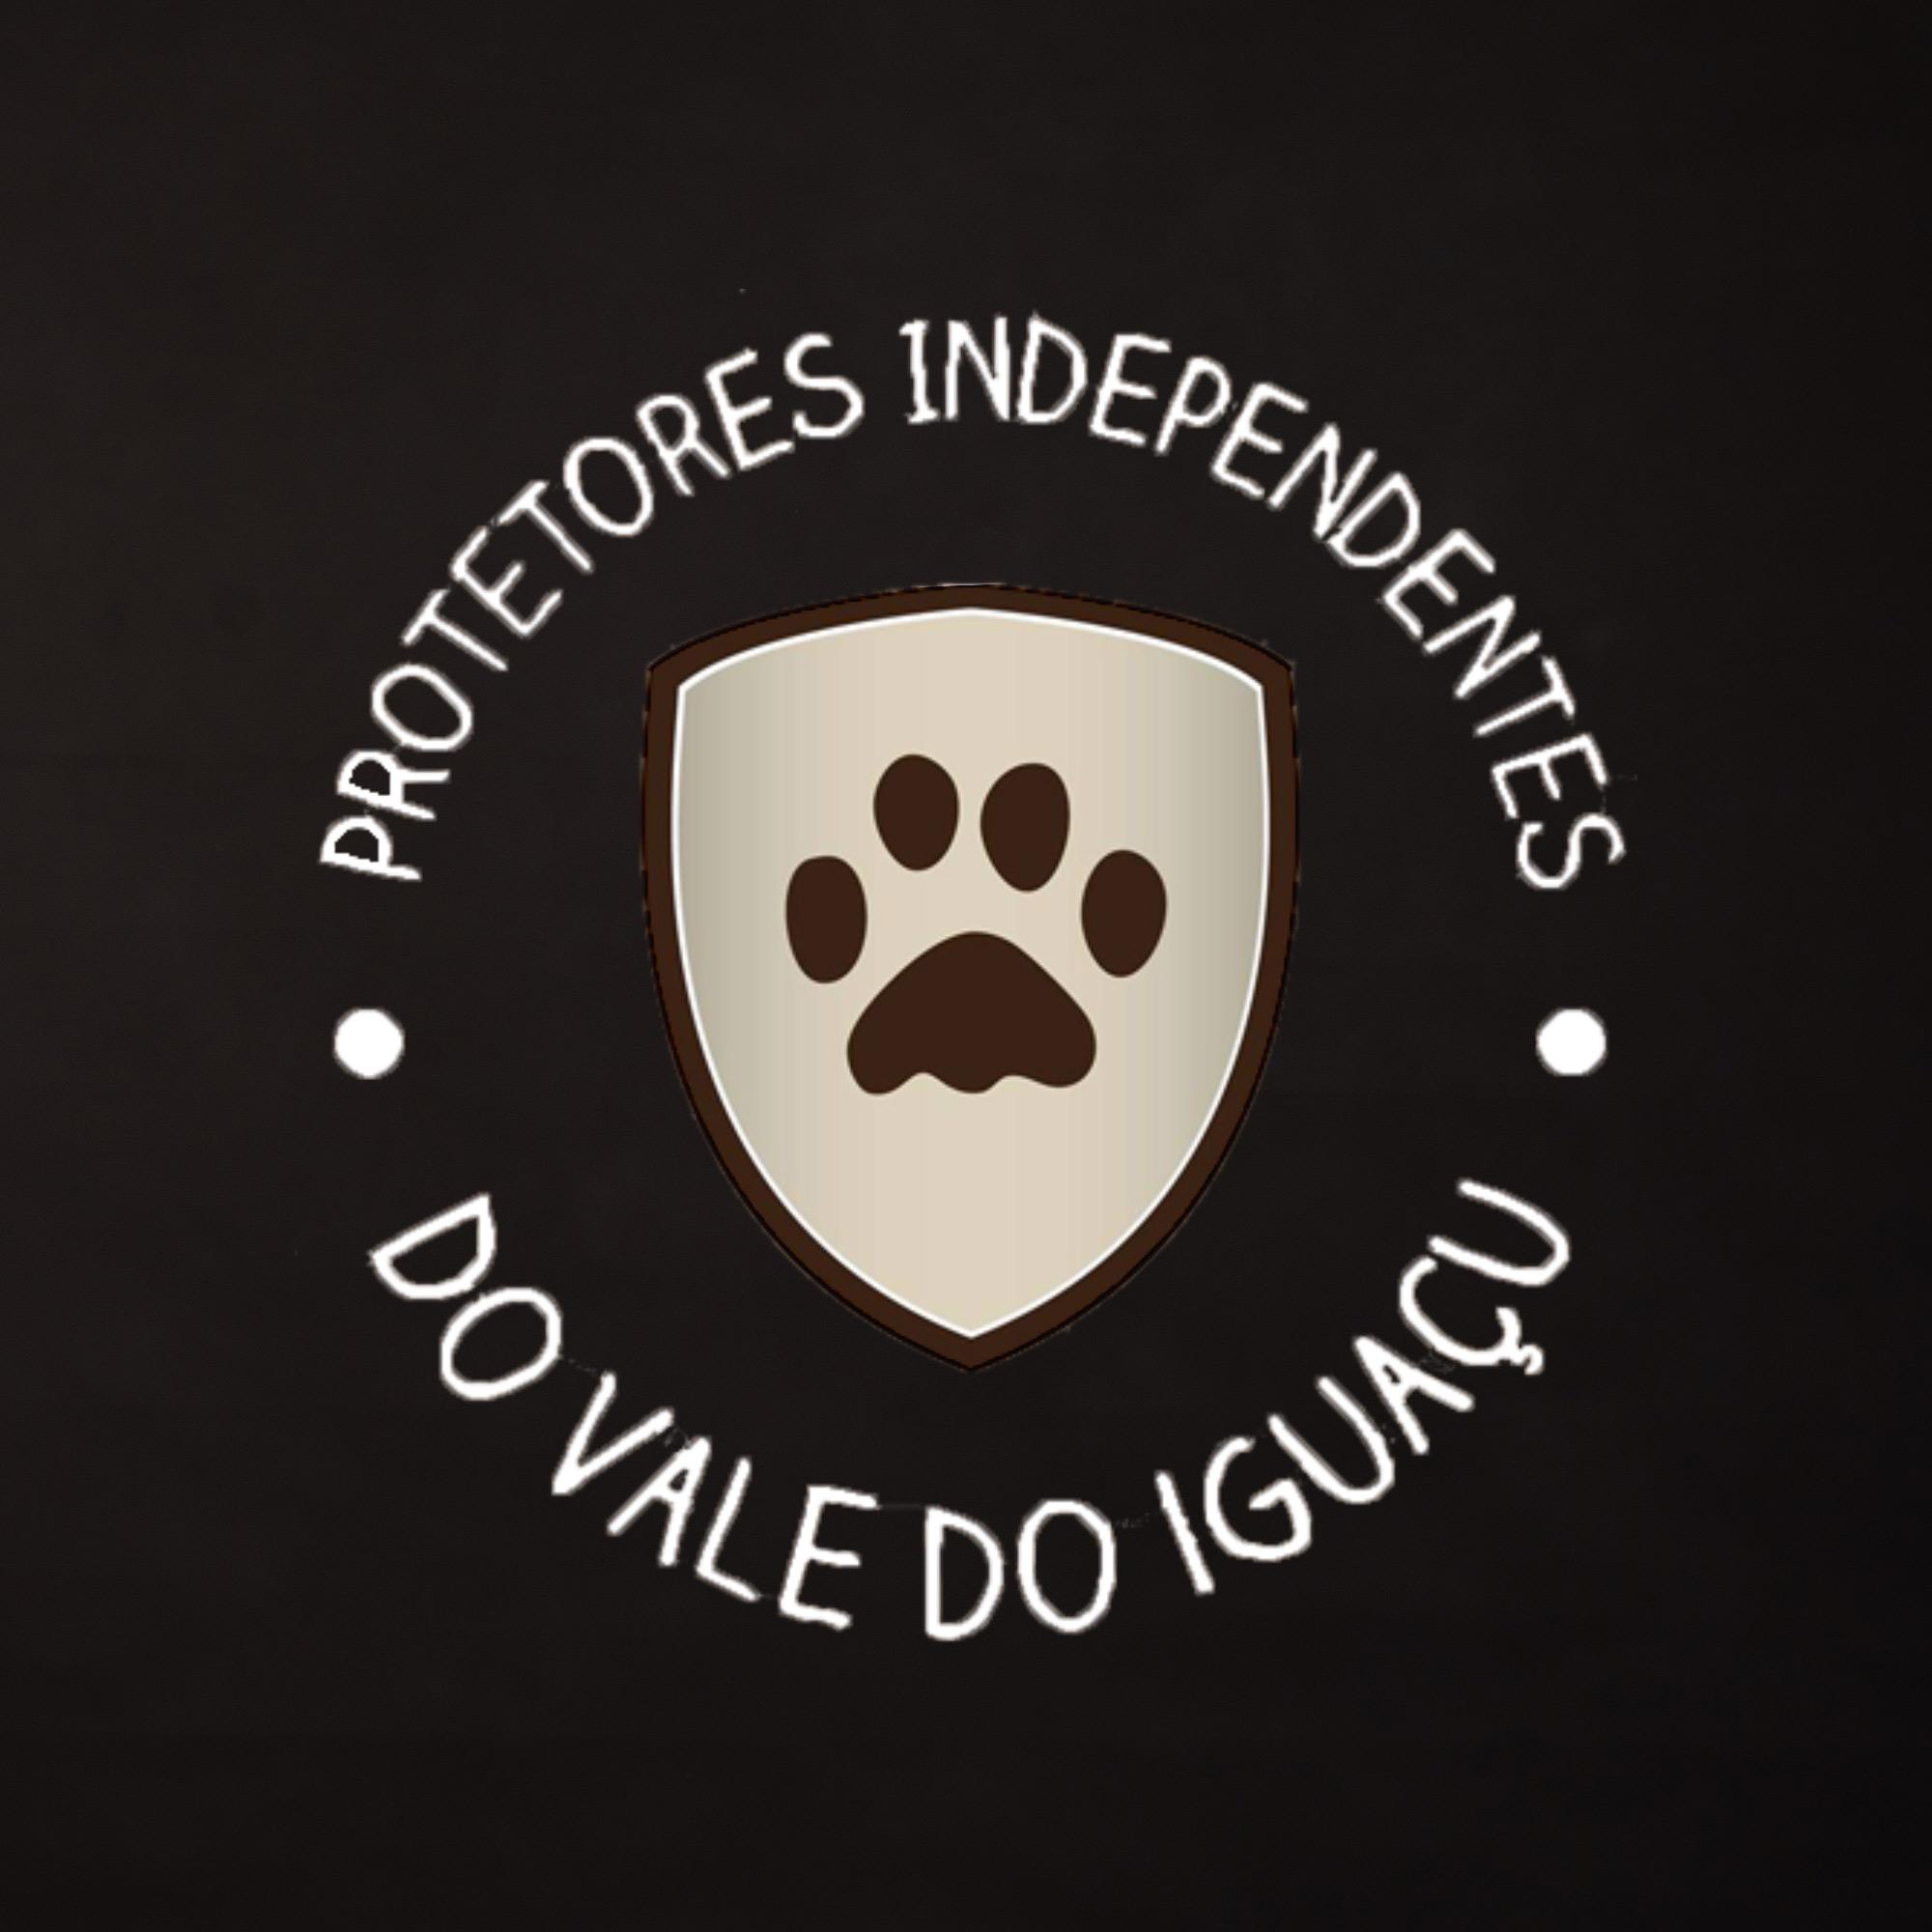 Doação de R$ 10,00 para os Protetores Independentes do Vale do Iguaçu